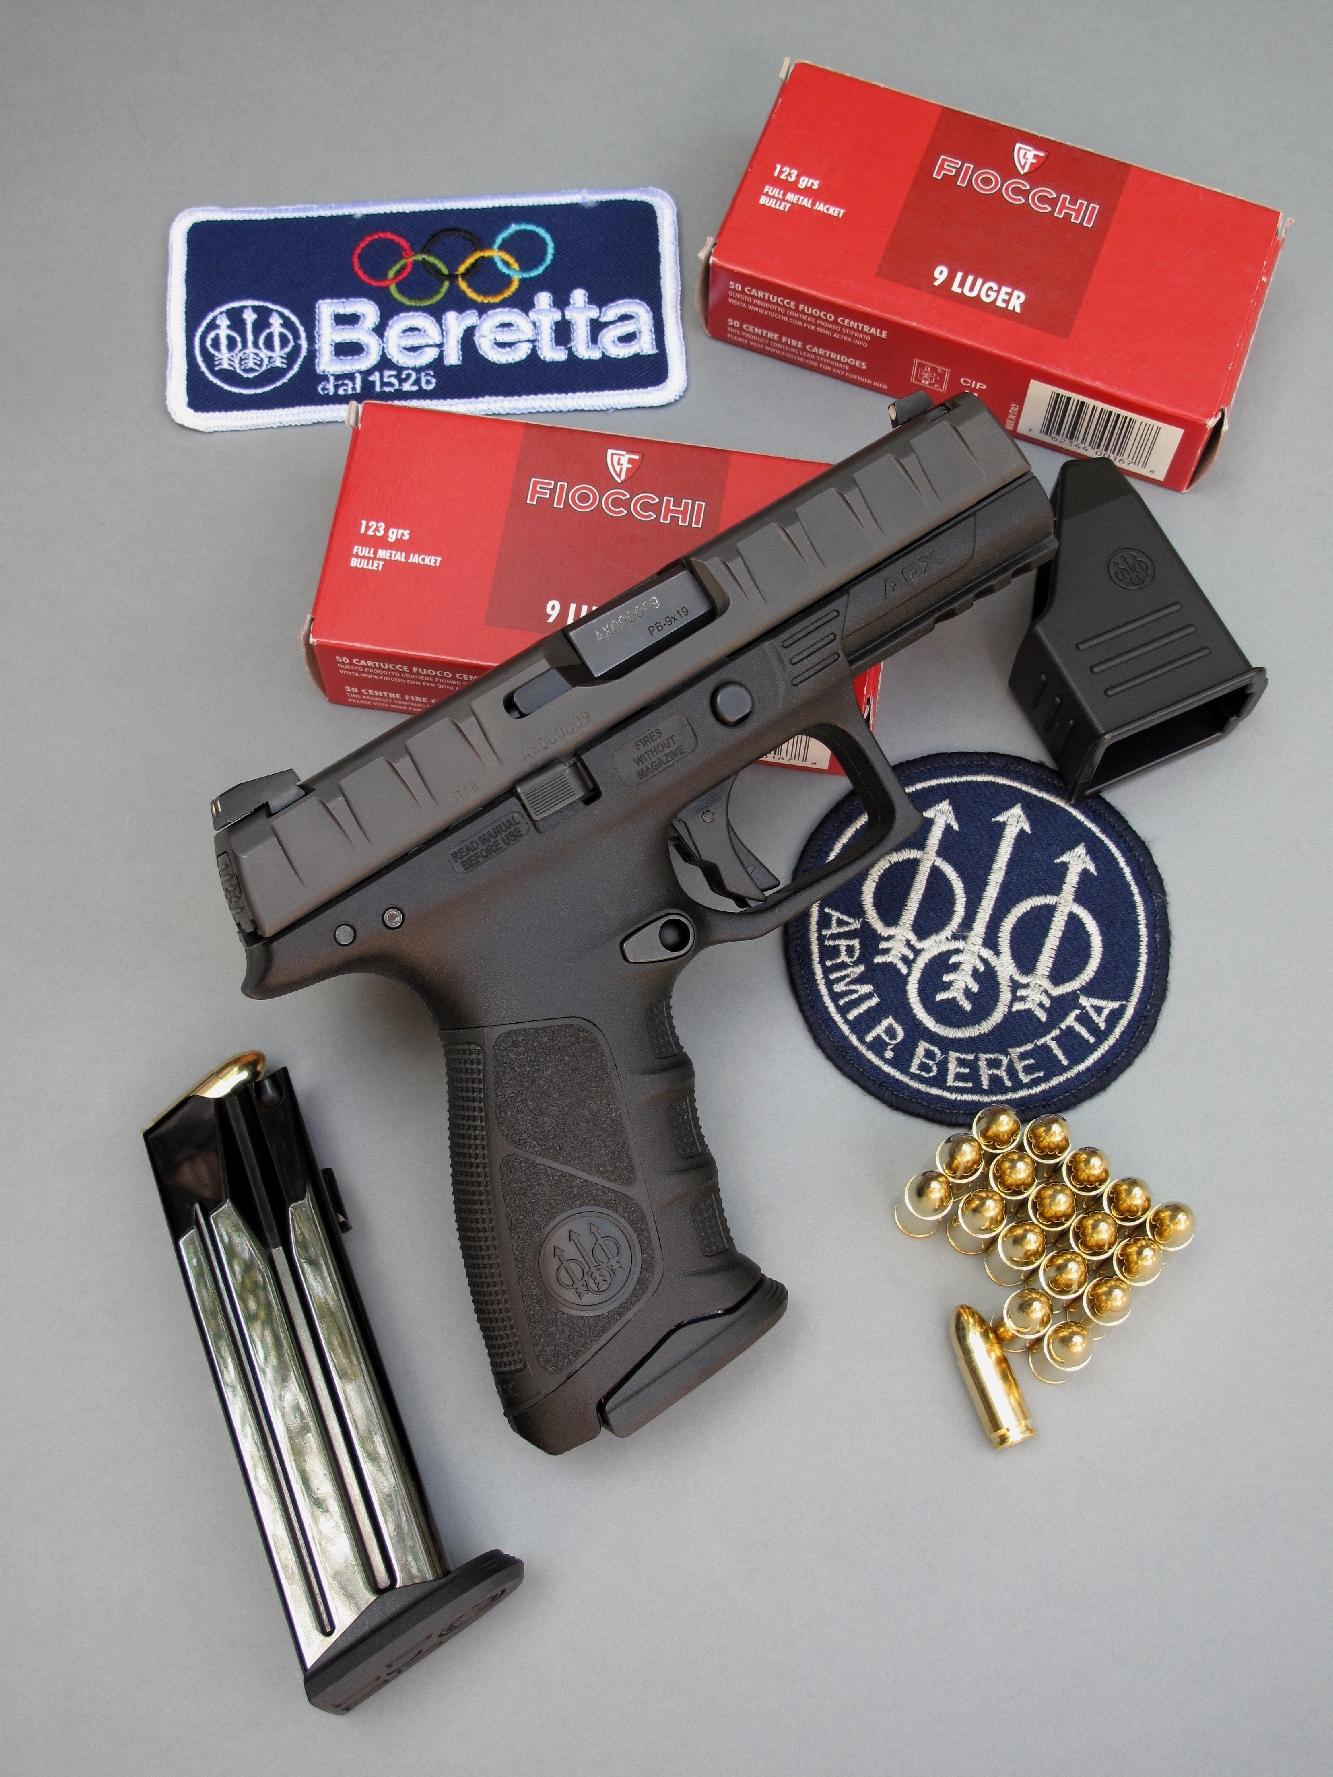 Le pistolet Beretta APX est accompagné par son chargeur de secours, son outil d'aide au remplissage et deux boîtes de 50 cartouches Fiocchi à balle 123 grains FMJ, de la gamme « Classic Line » de ce fabricant italien.